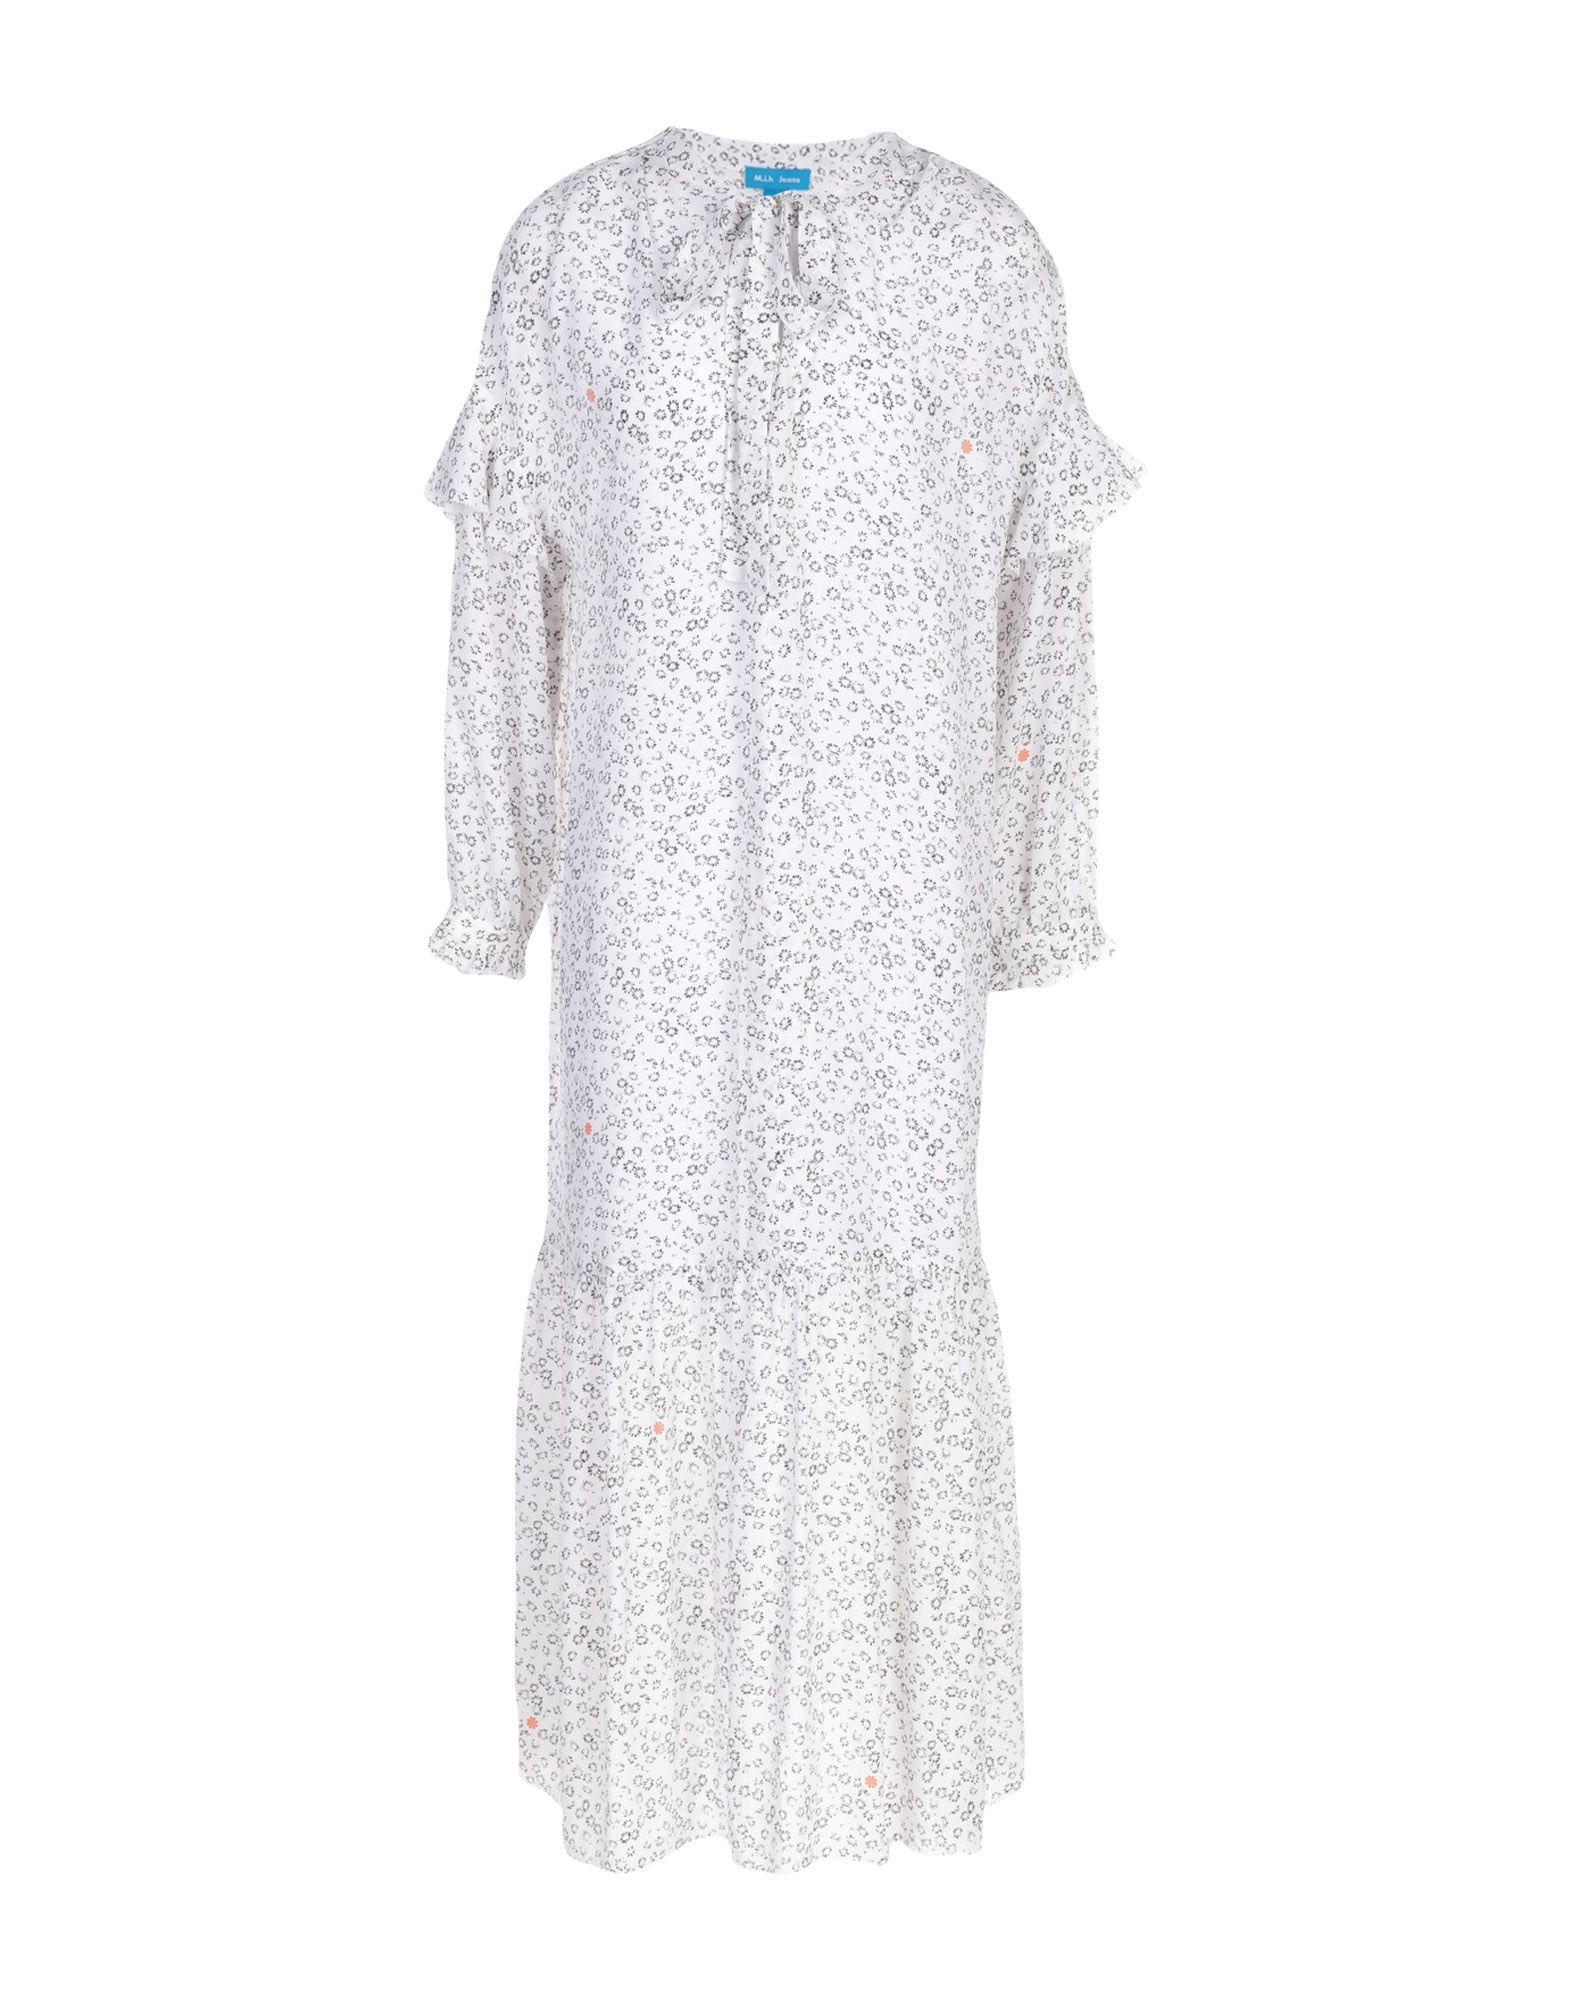 M.I.H JEANS Платье длиной 3/4